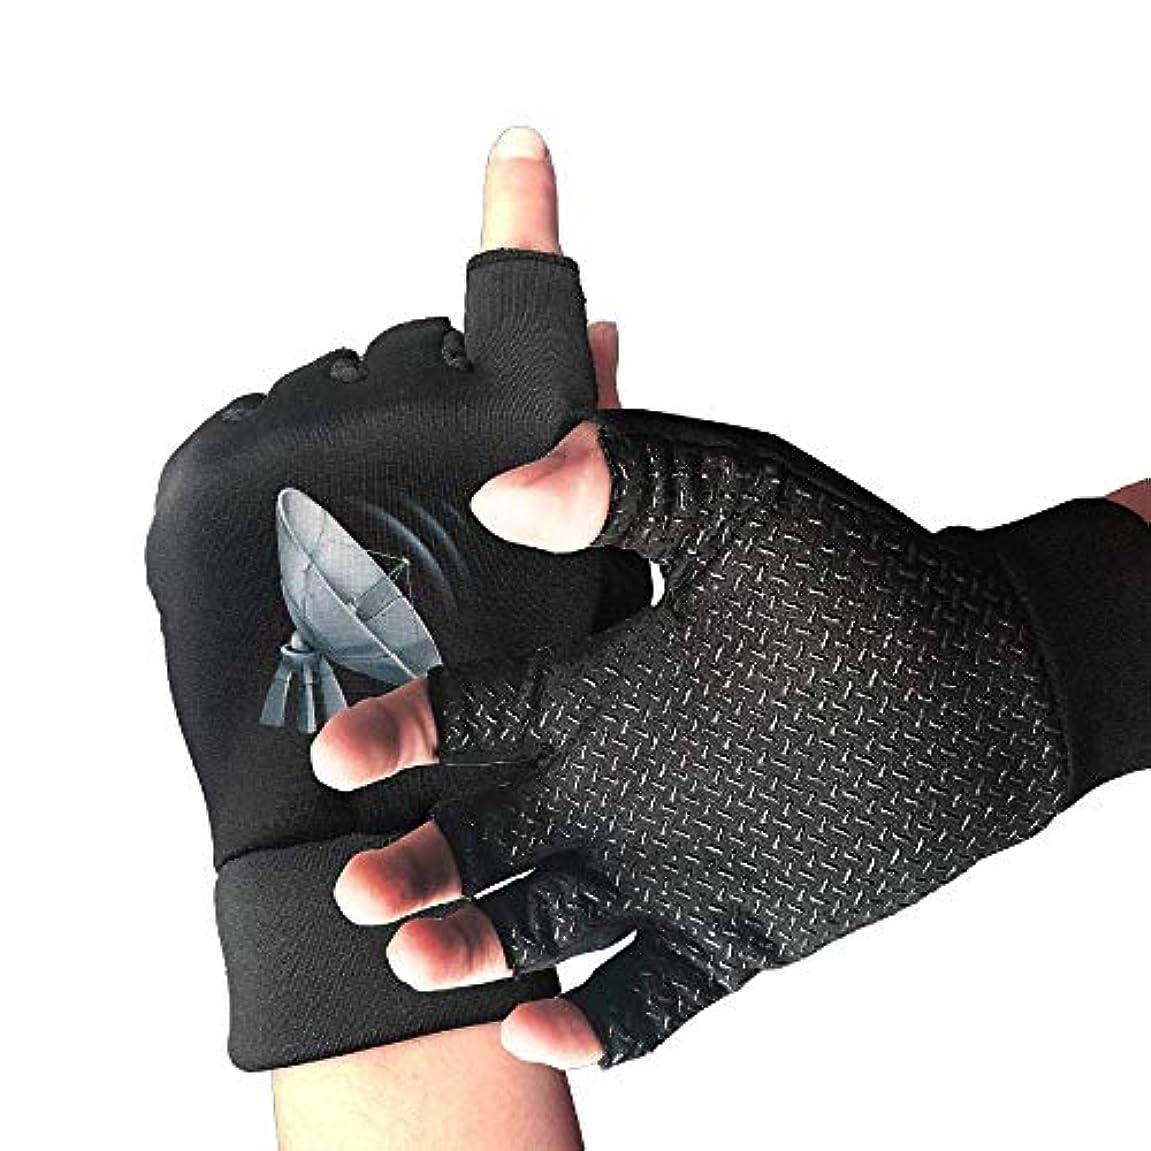 ウルル中絶乱用Cycling Gloves Radar Men's/Women's Mountain Bike Gloves Half Finger Anti-Slip Motorcycle Gloves